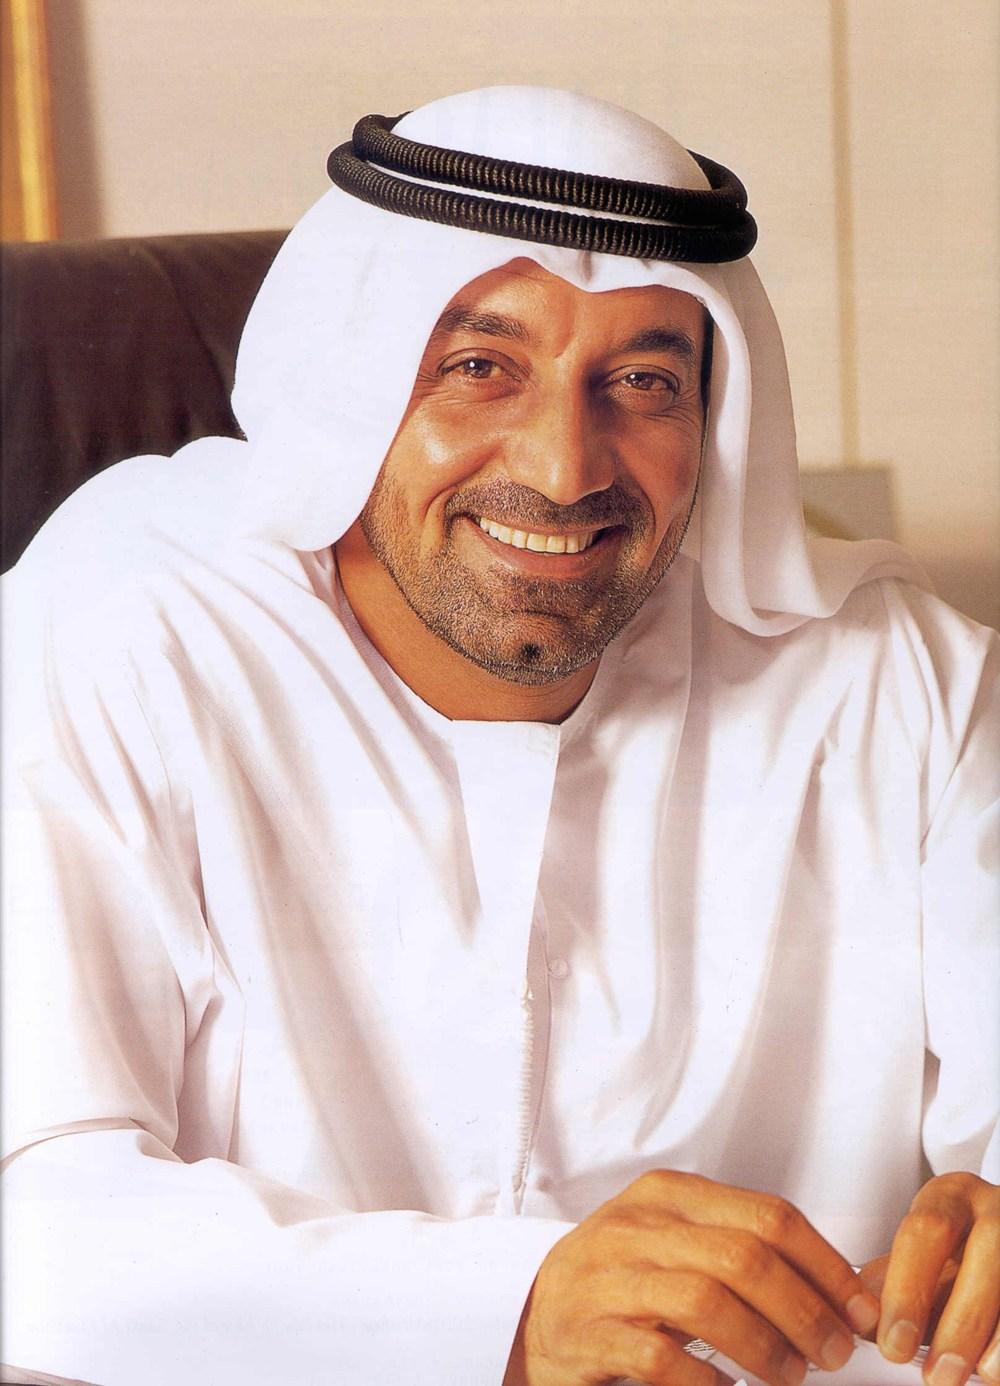 احمد بن سعيد آل مكتنوم … صناعة الطيران بوابة النمو المستقبلية لدبي